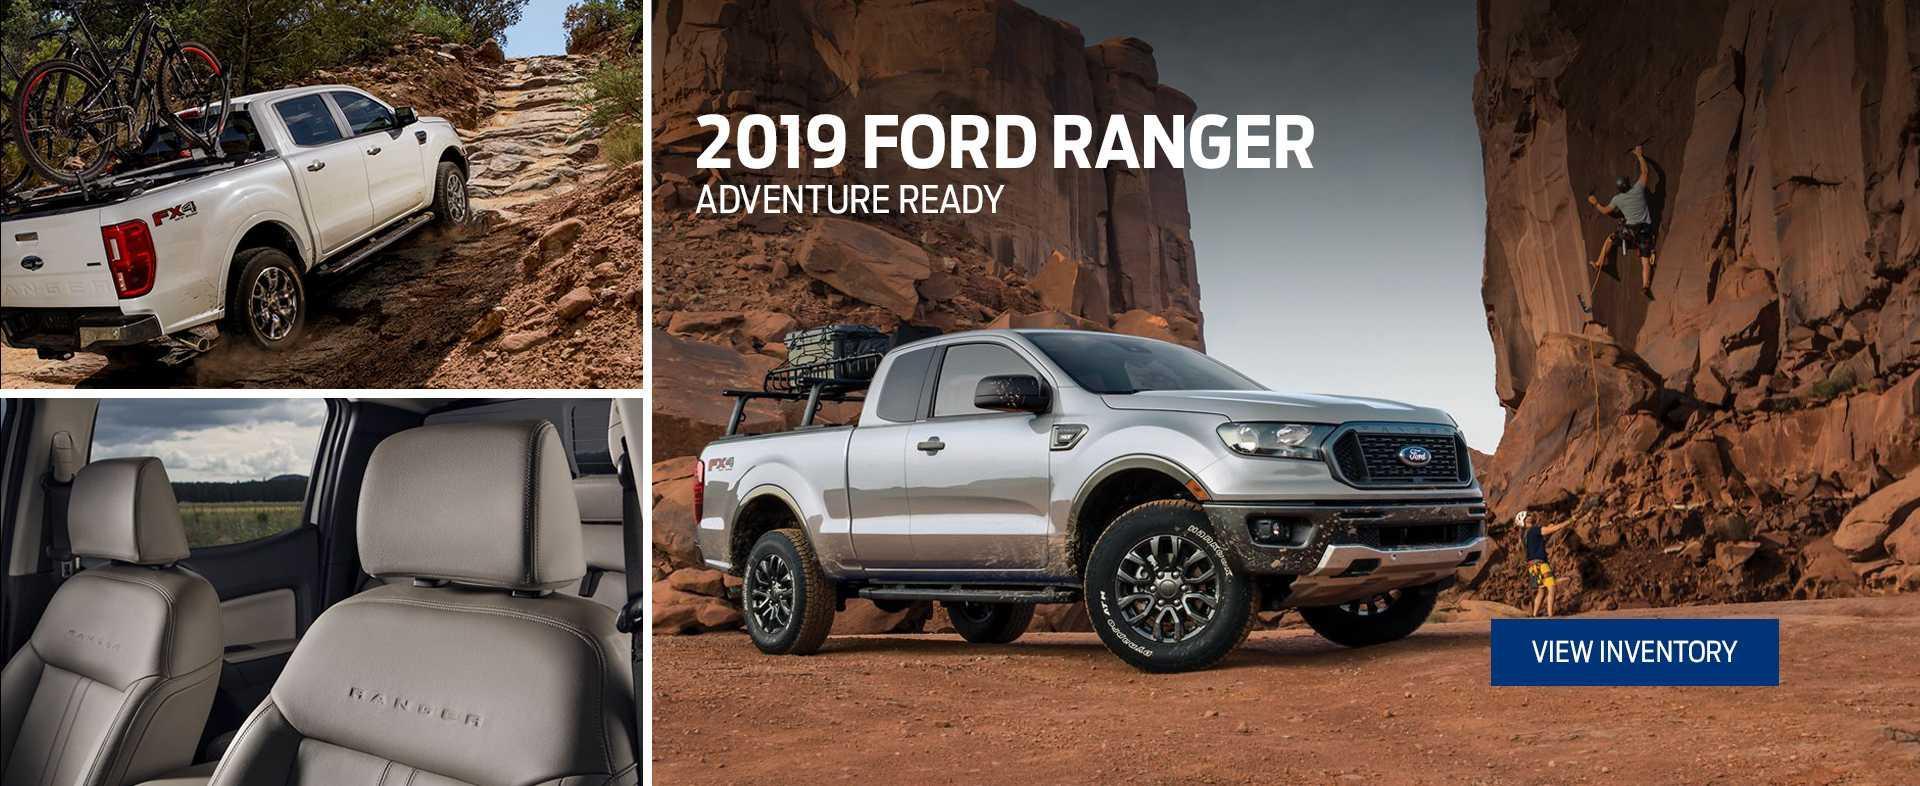 Ford Home 2019 Ranger image